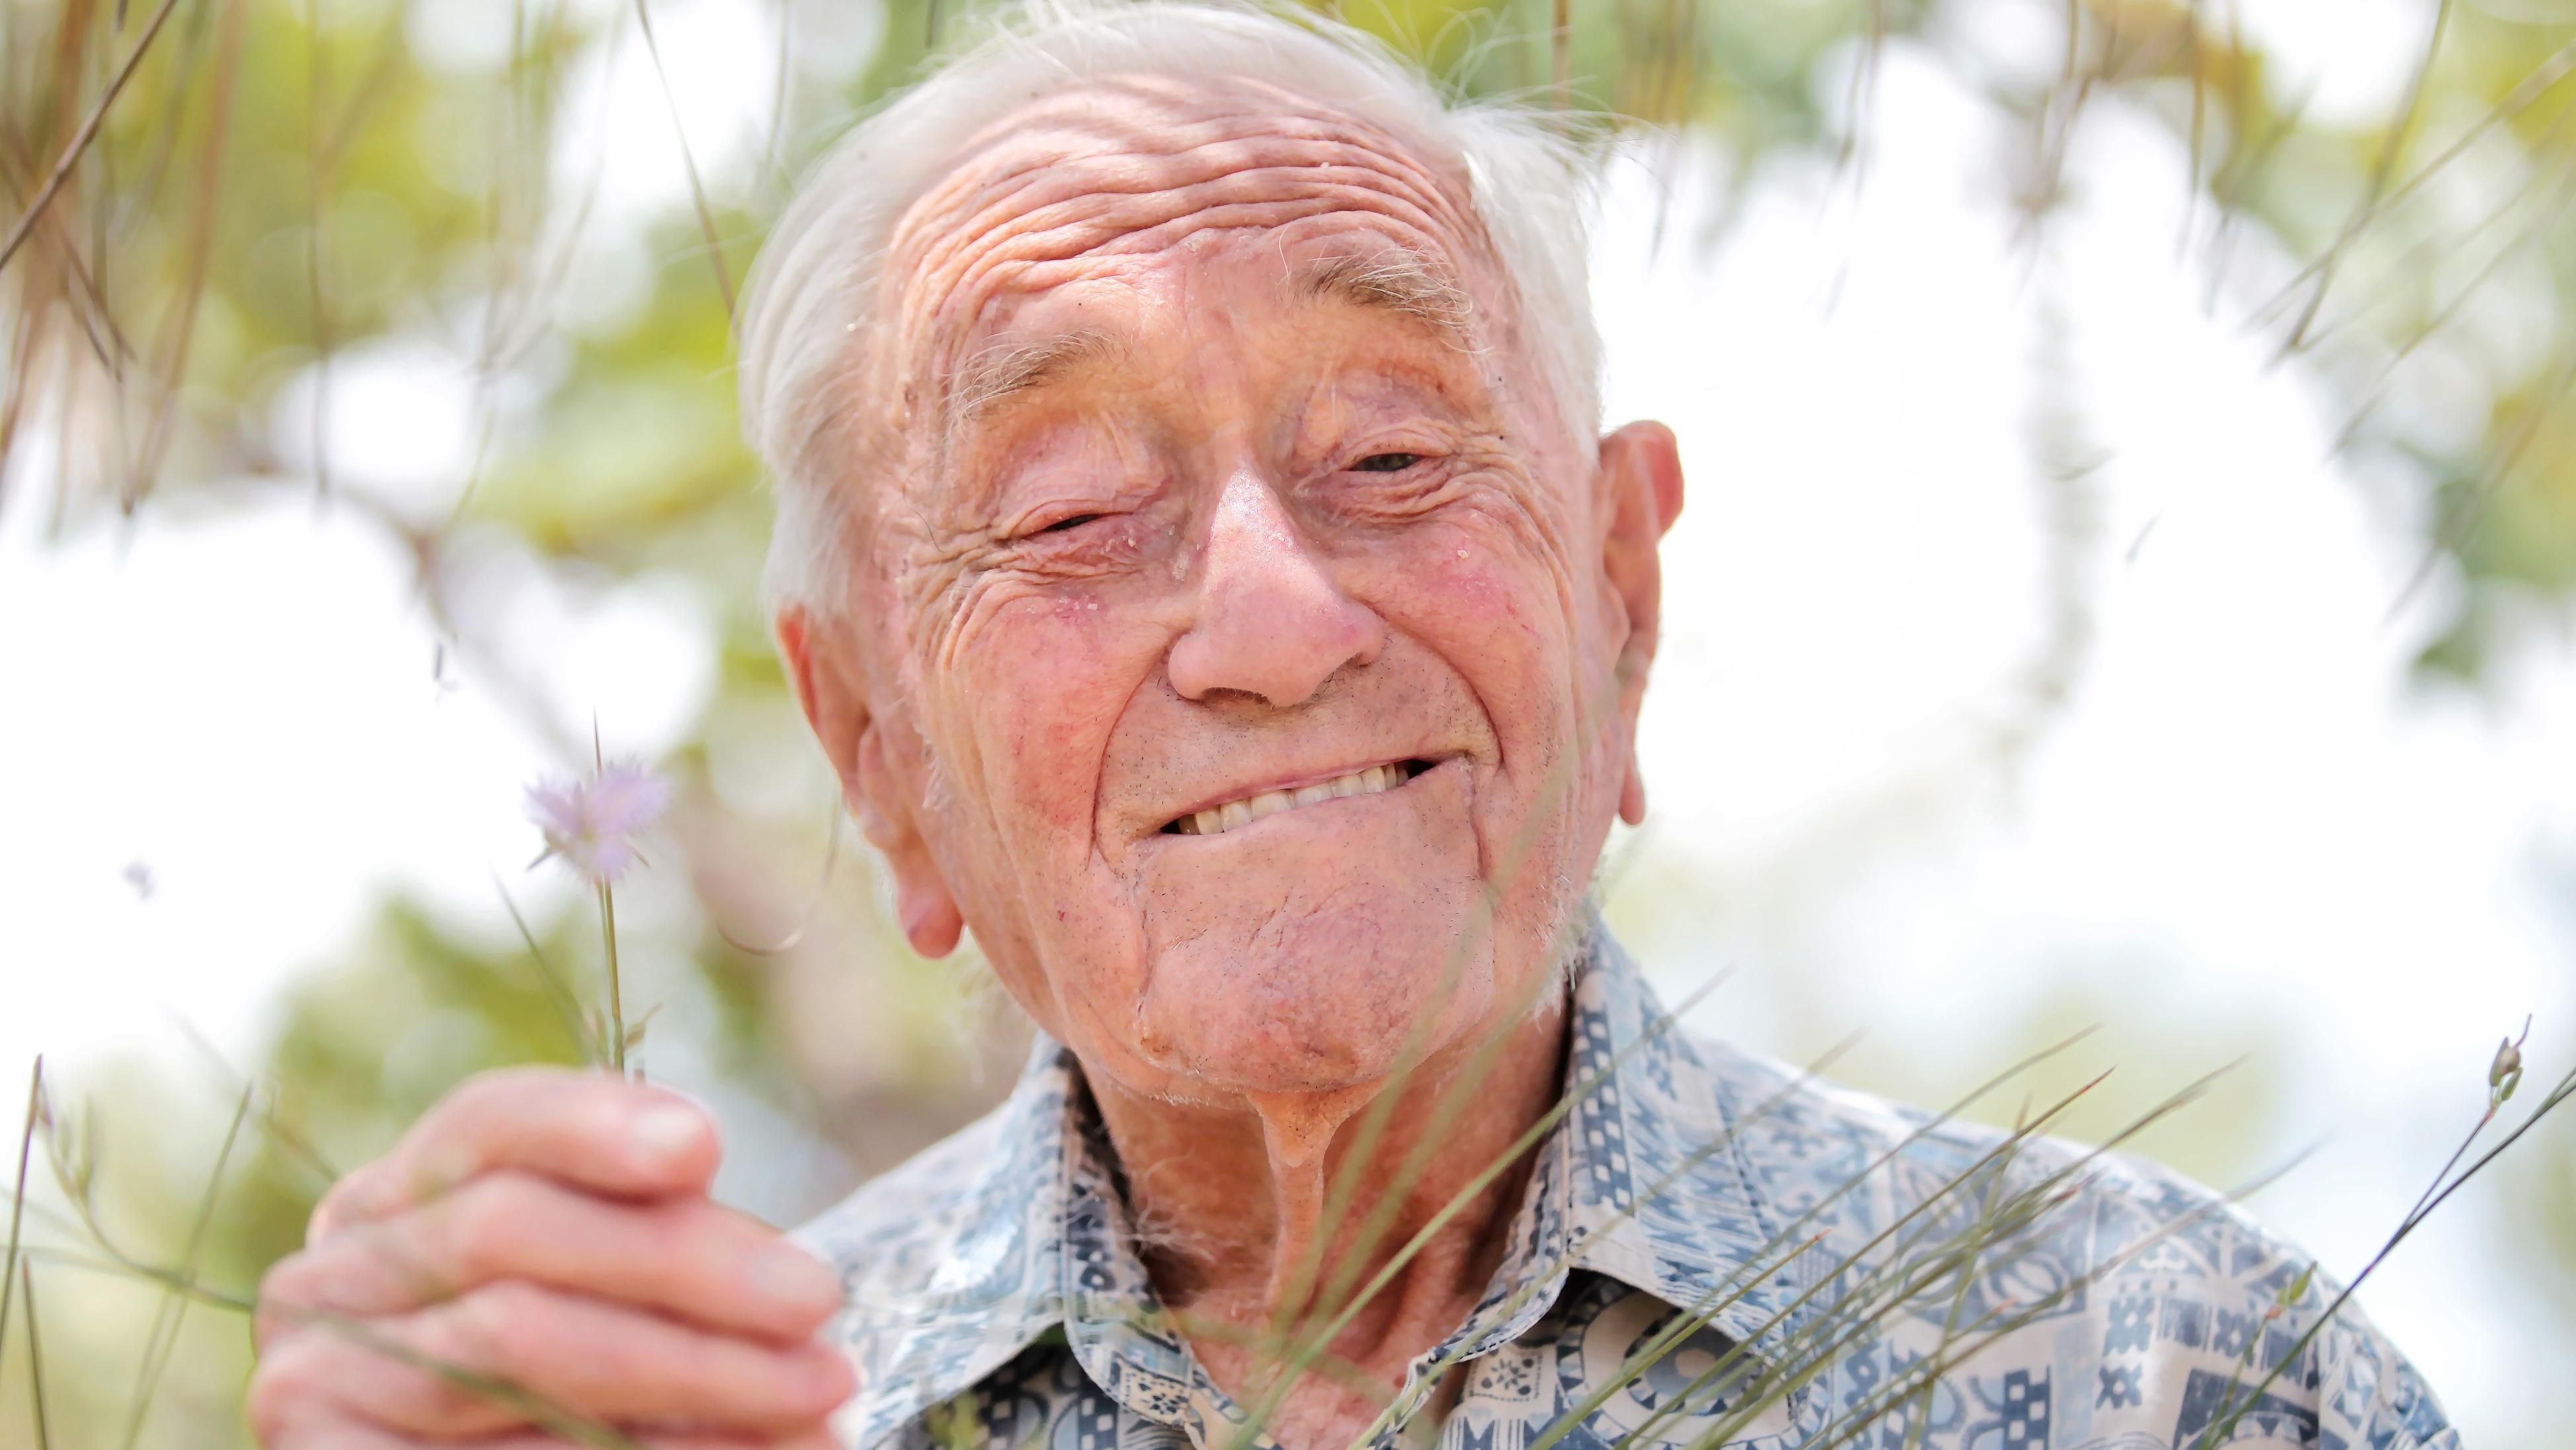 Старейший австралийский ученый решил прибегнуть к эвтаназии